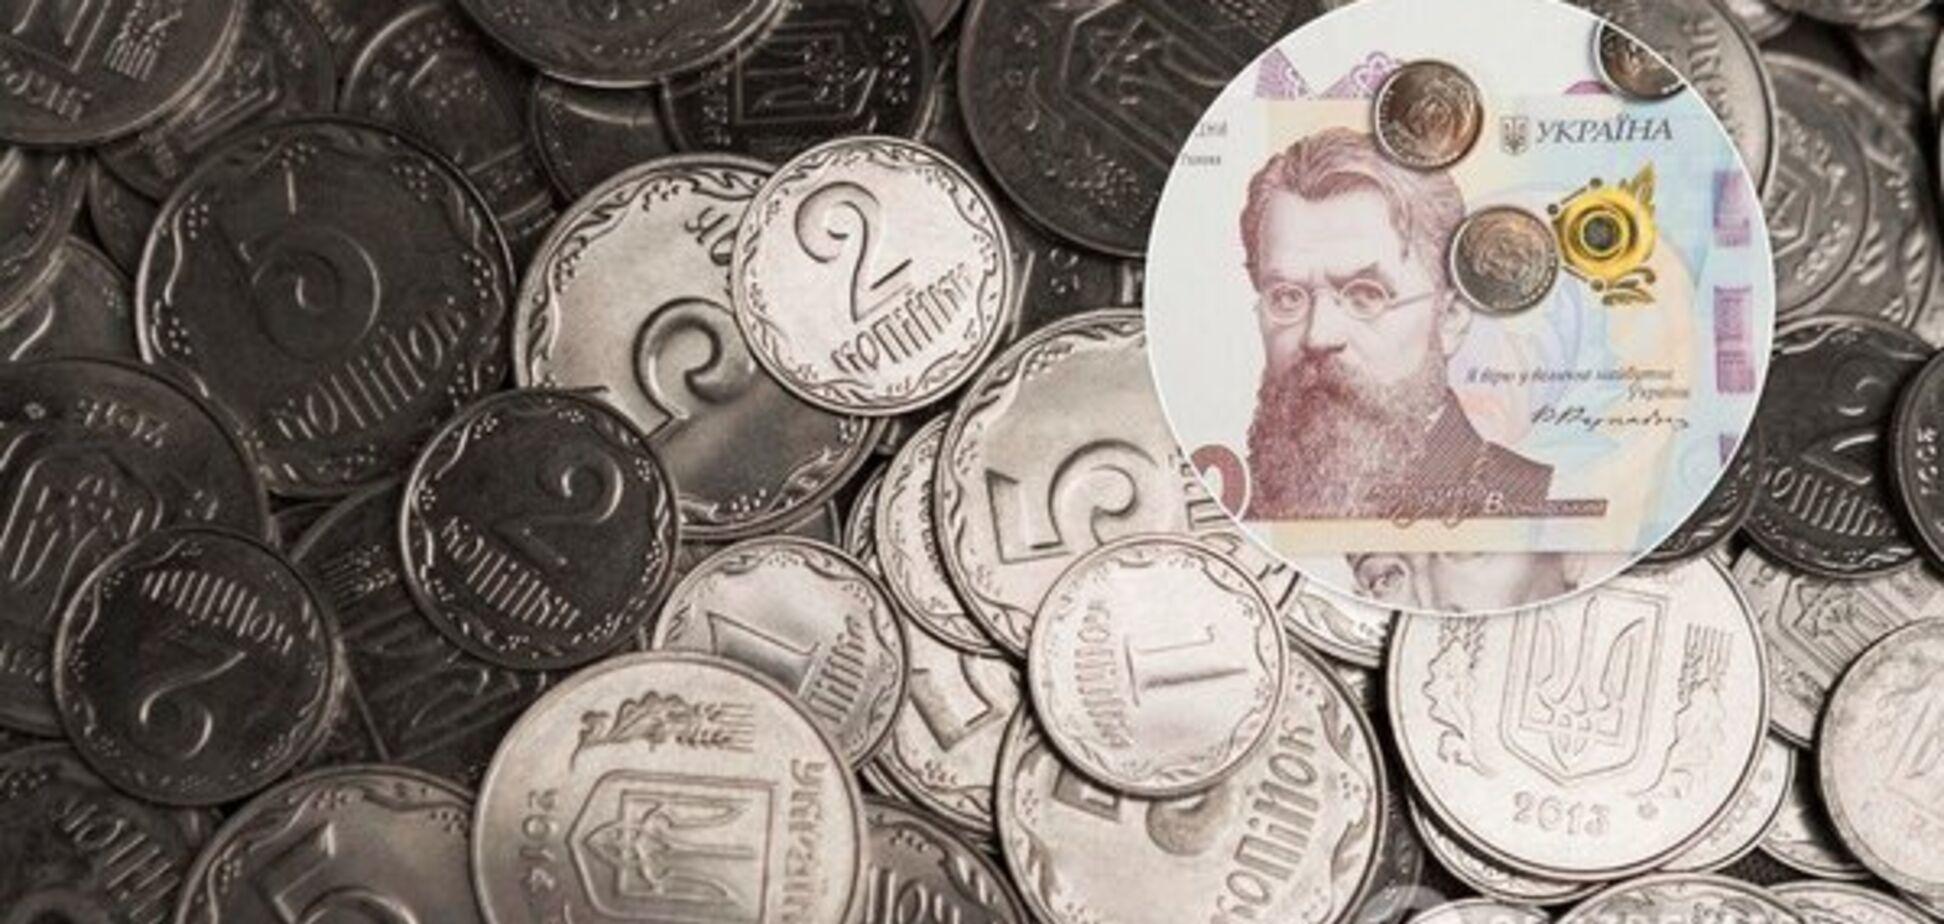 В Украине ввели в оборот новые монеты по 10 гривен